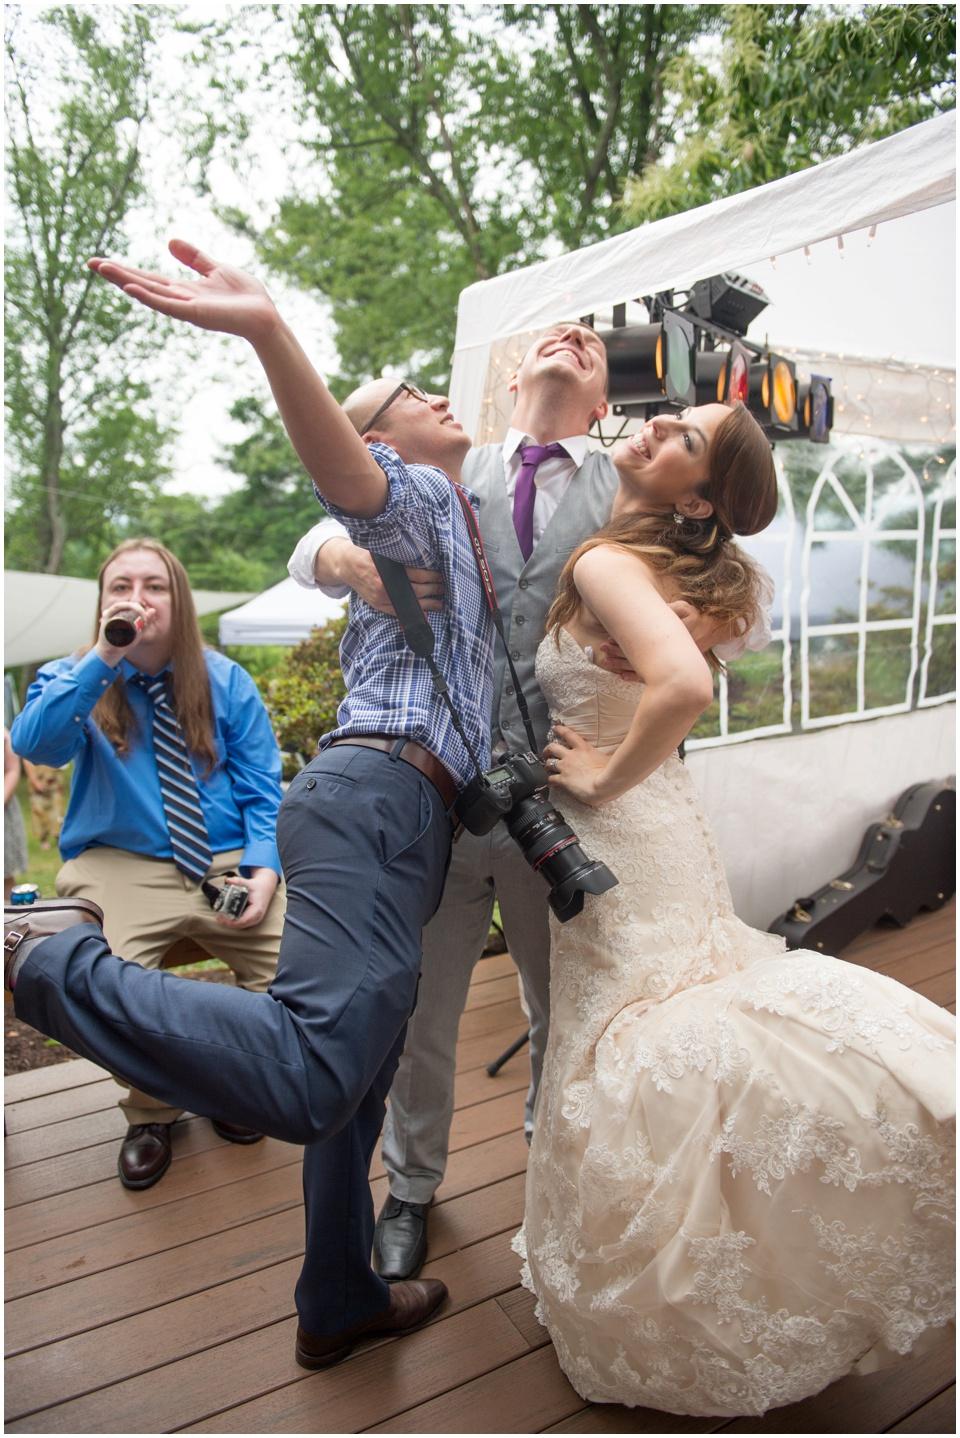 32-wedding-day-chest-bump